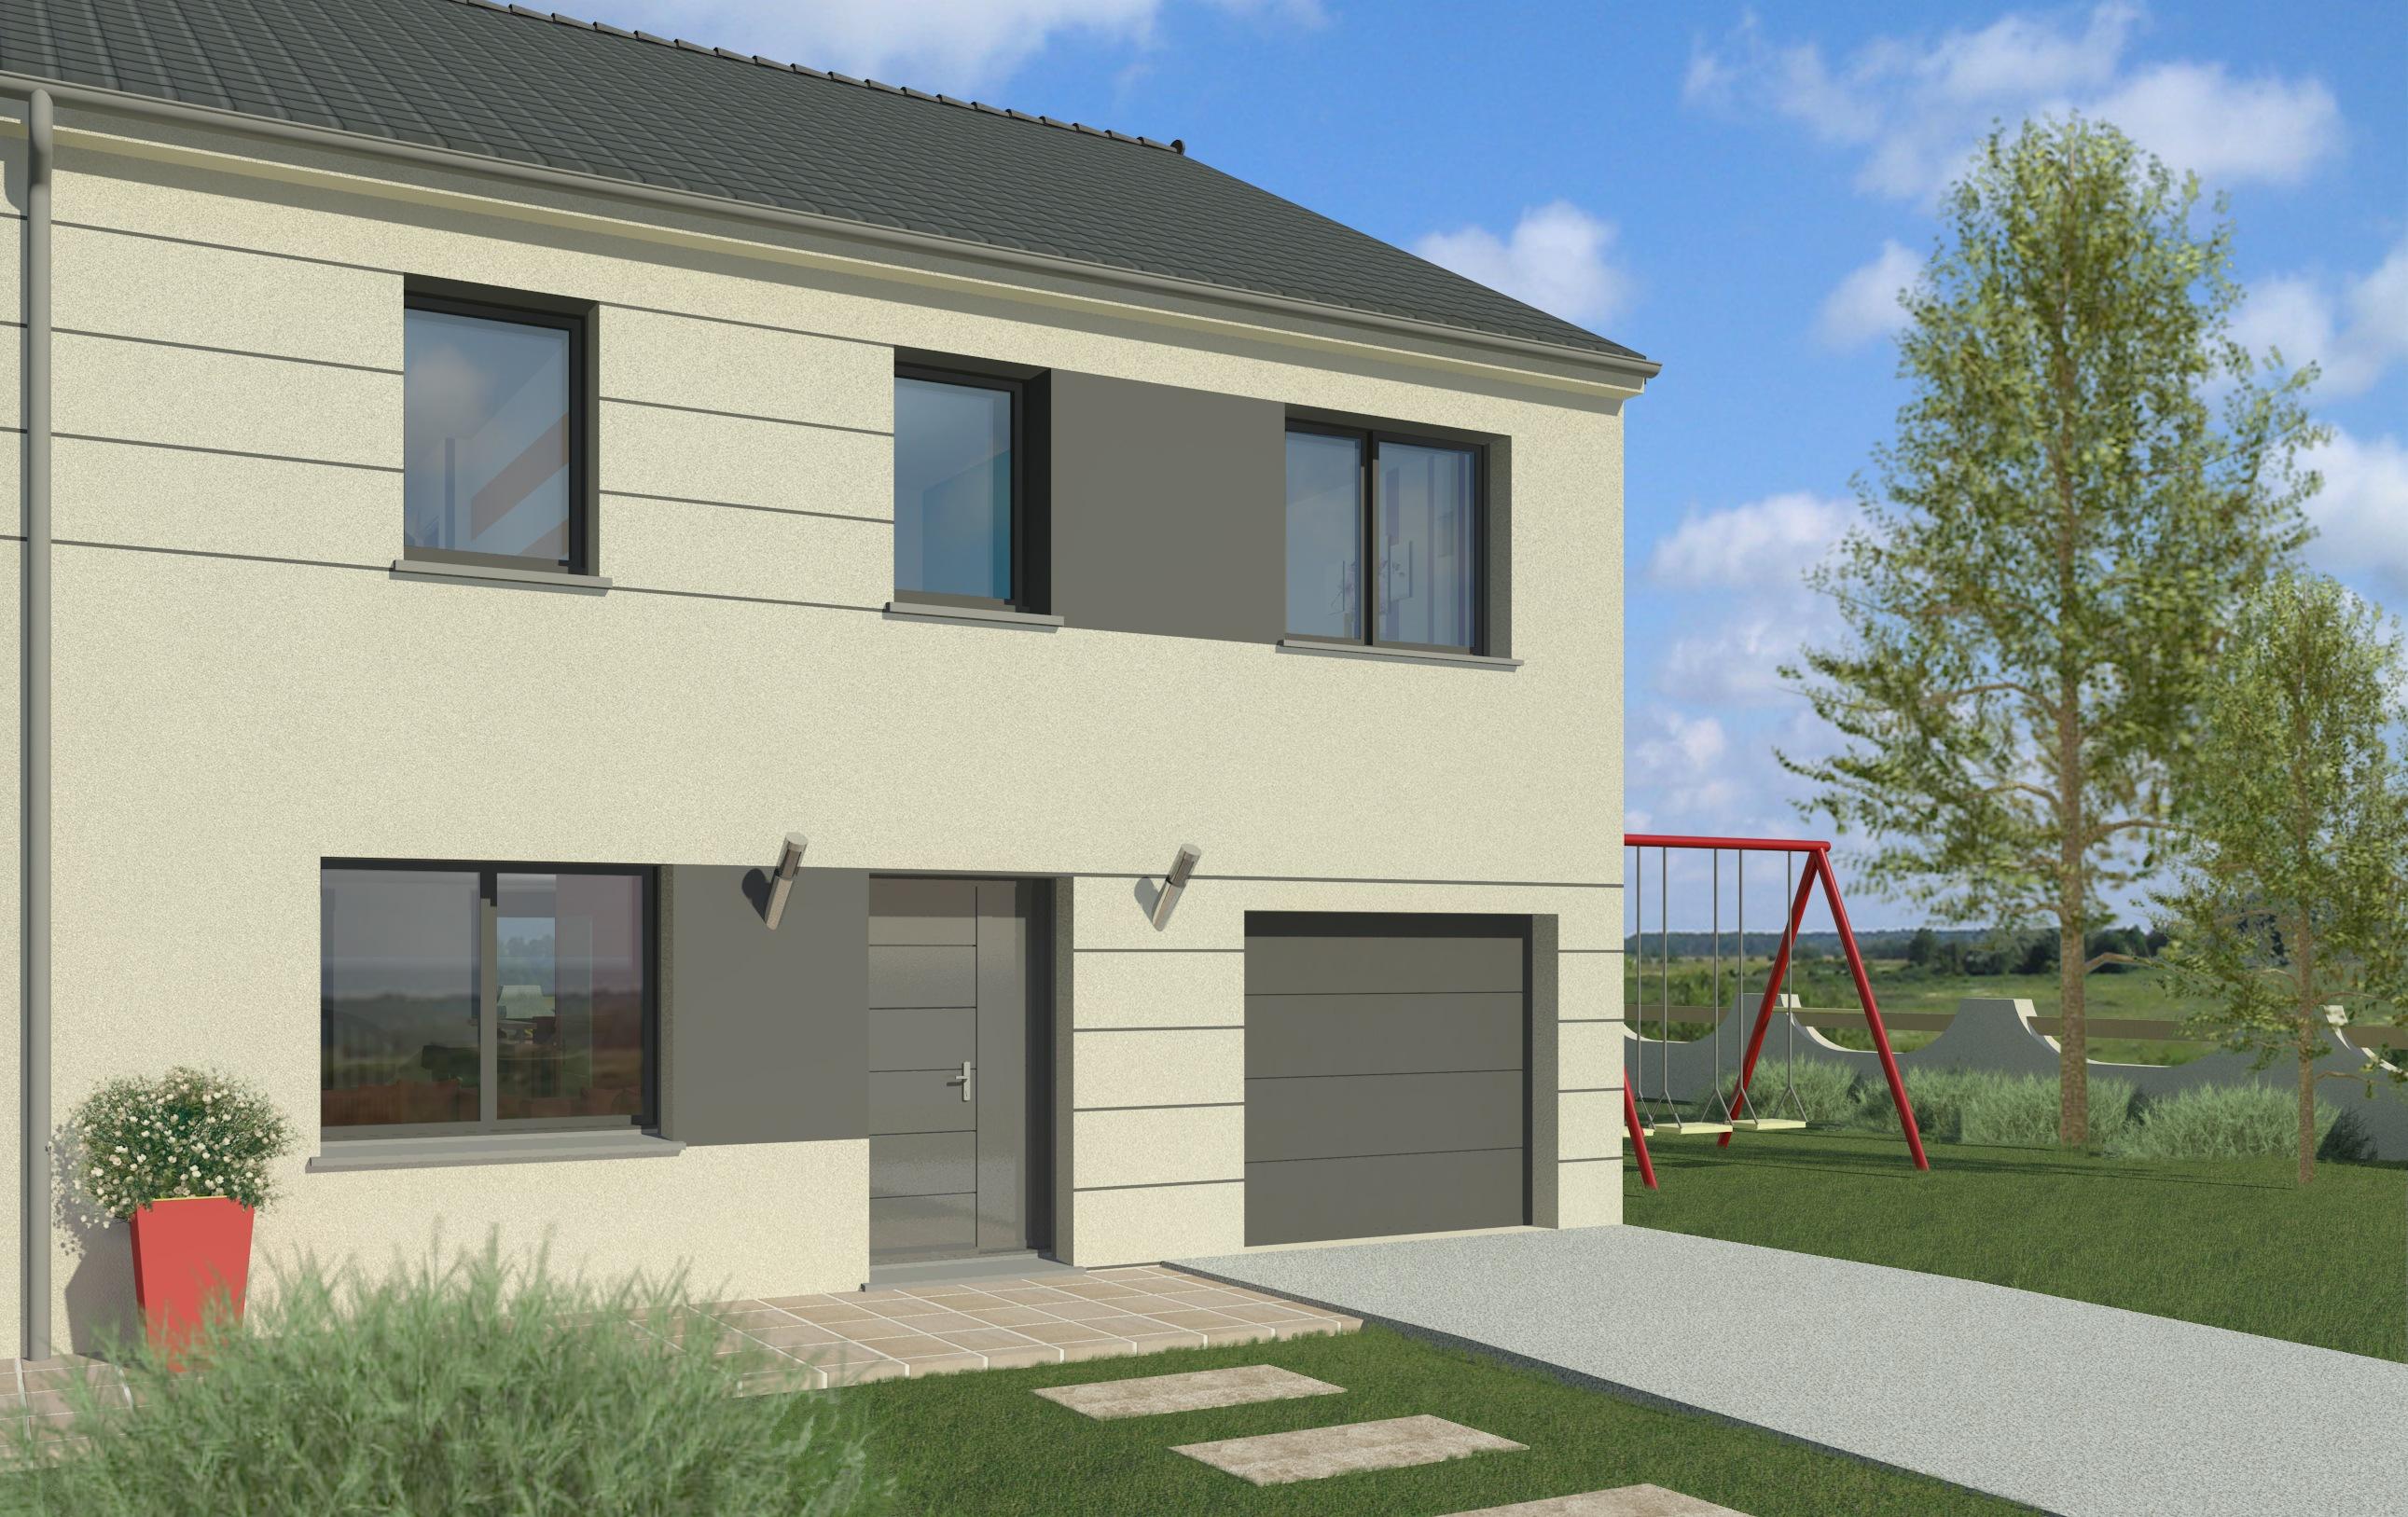 Maisons + Terrains du constructeur MAISON FAMILIALE • 130 m² • CHAINGY